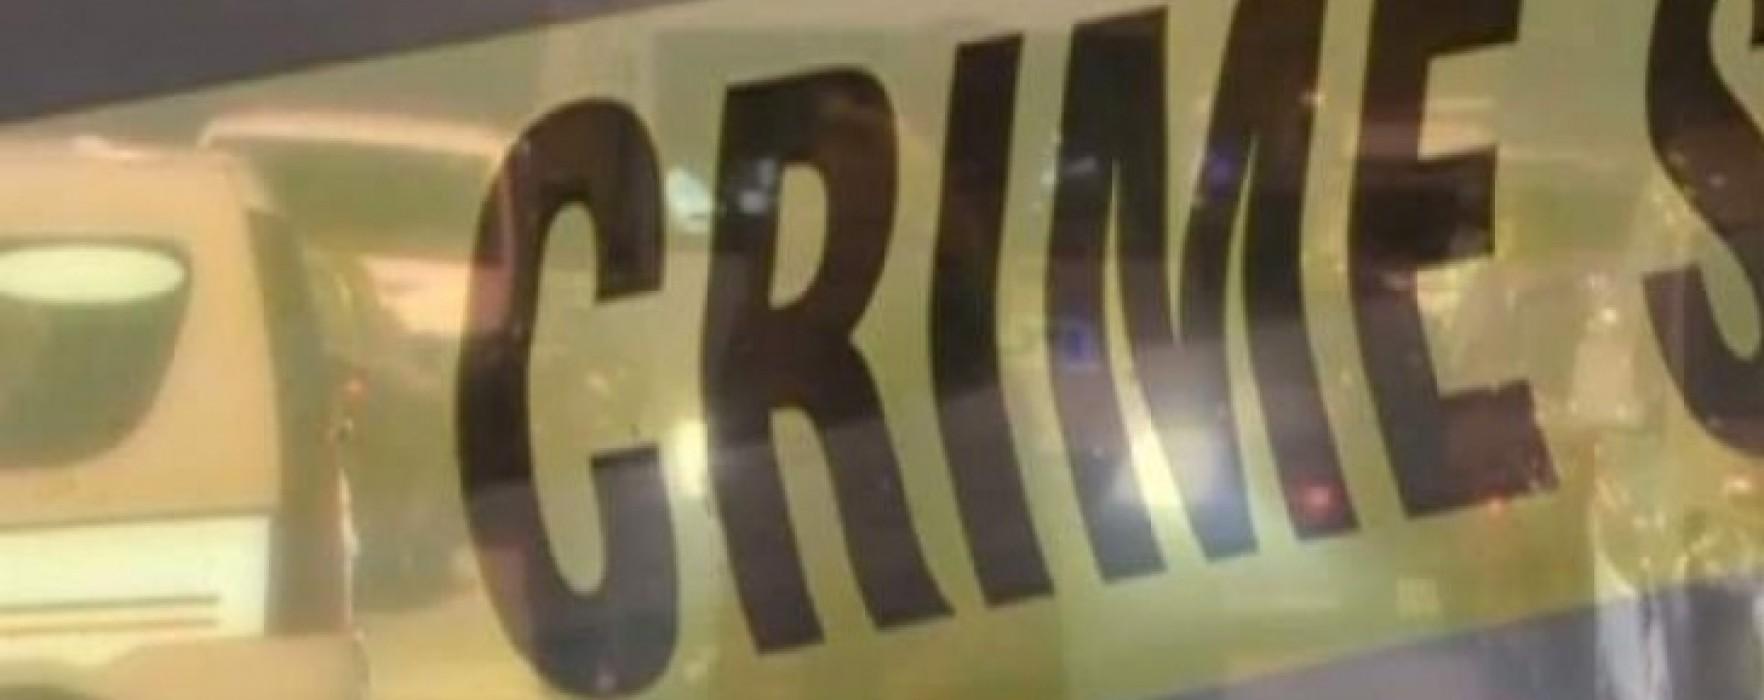 Un tânăr din Doiceşti găsit omorât, înjunghiat şi cu un picior secţionat